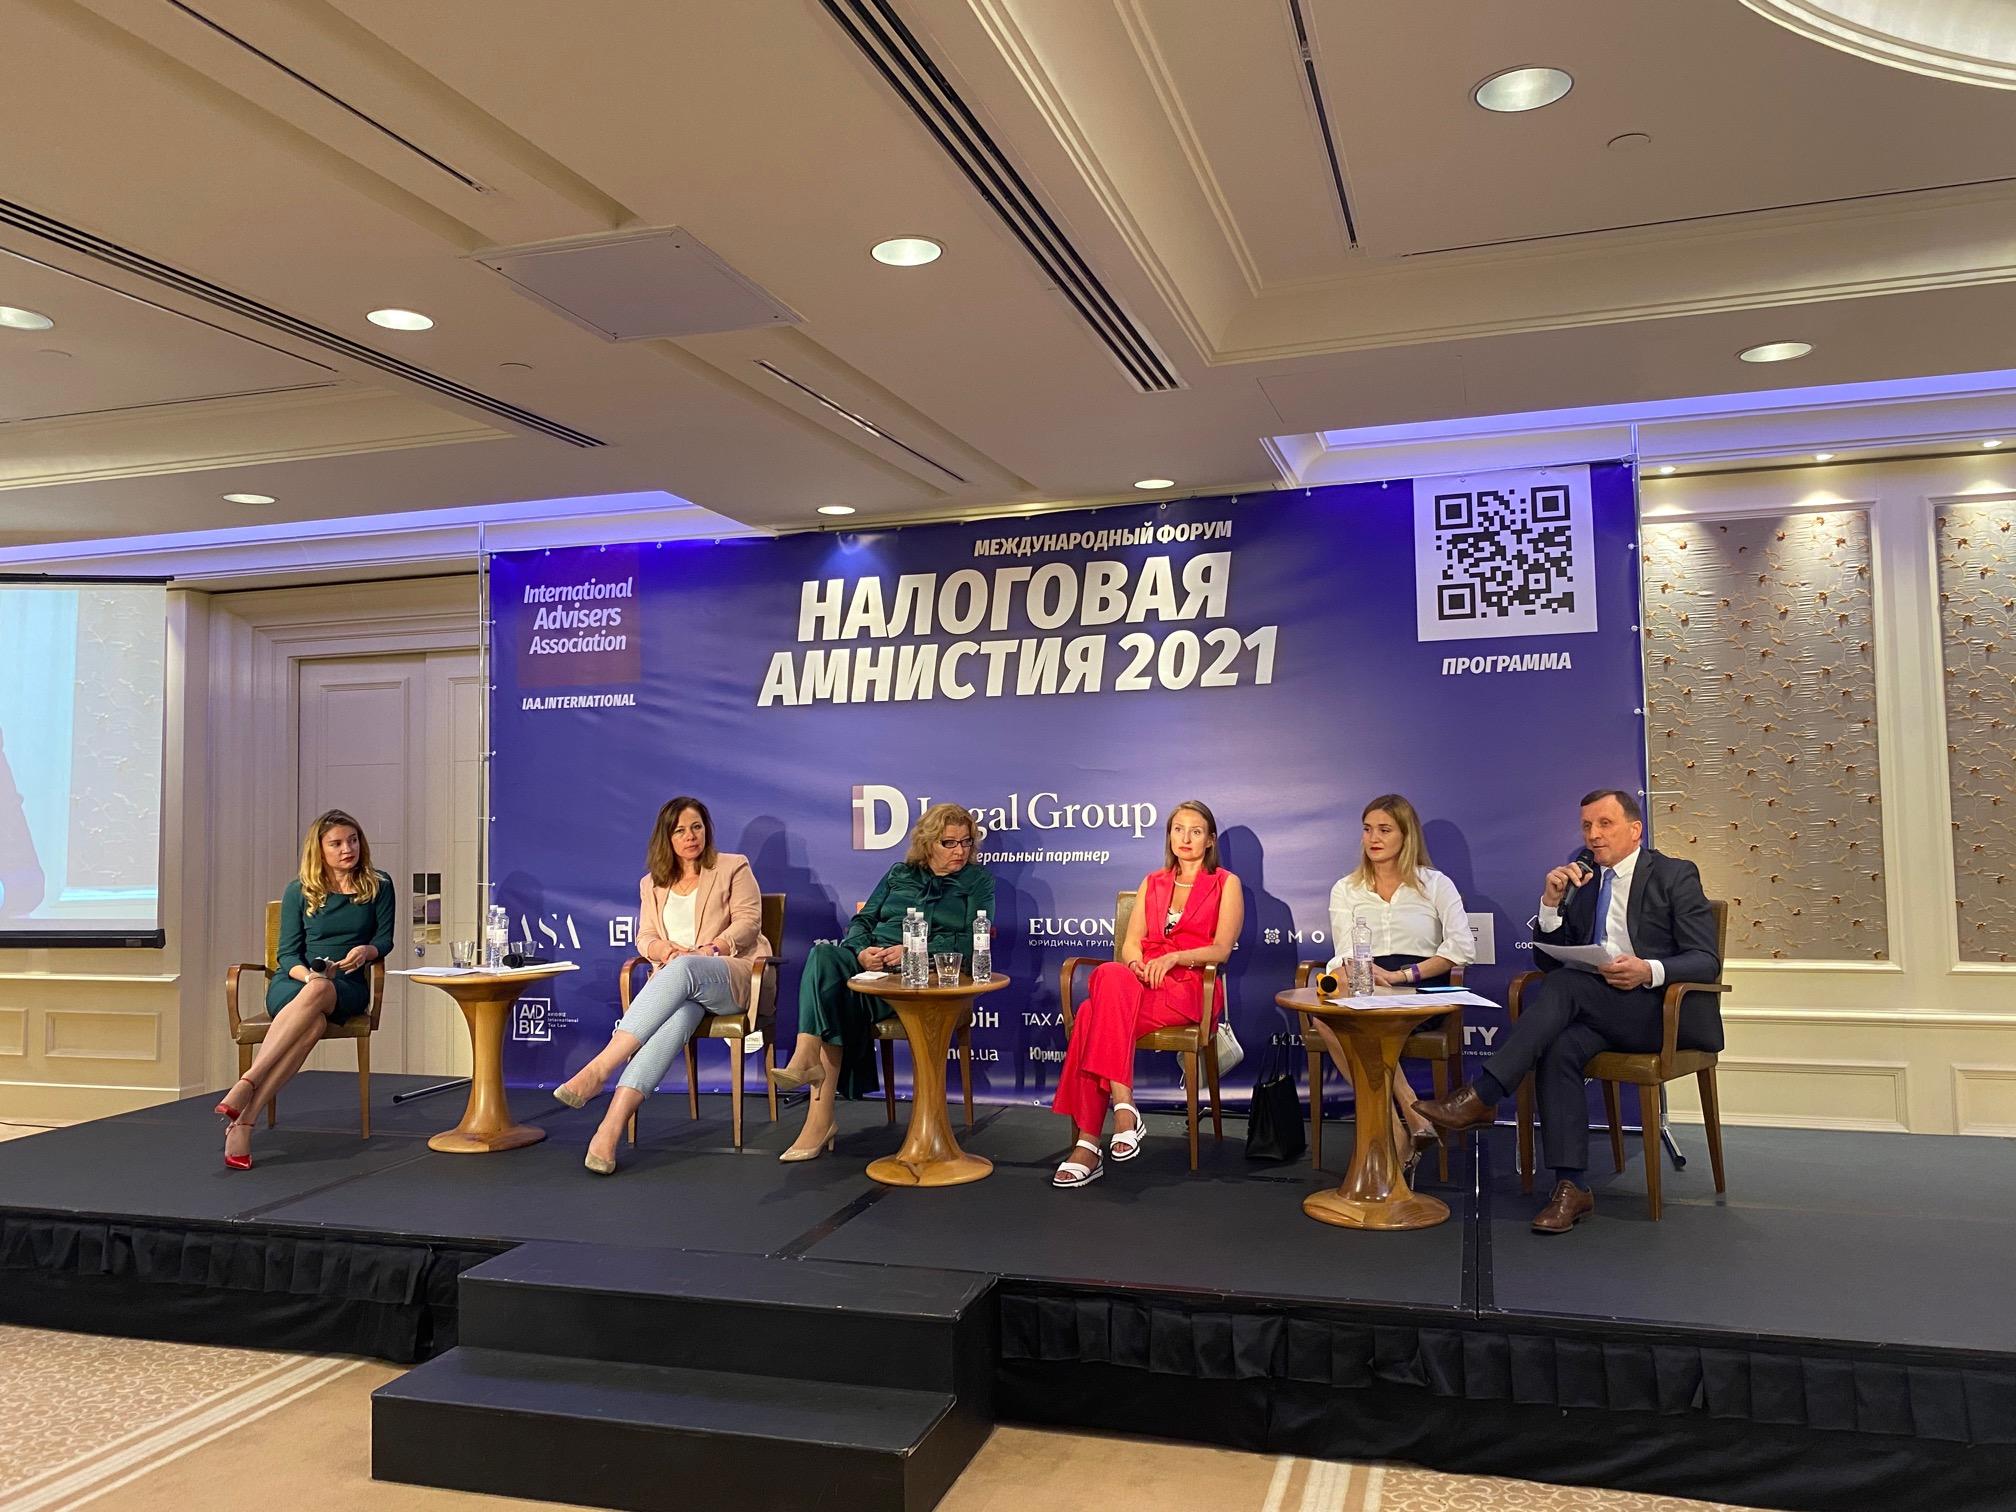 На порозі змін: Ярослав Романчук став спікером форуму «Податкова амністія 2021»